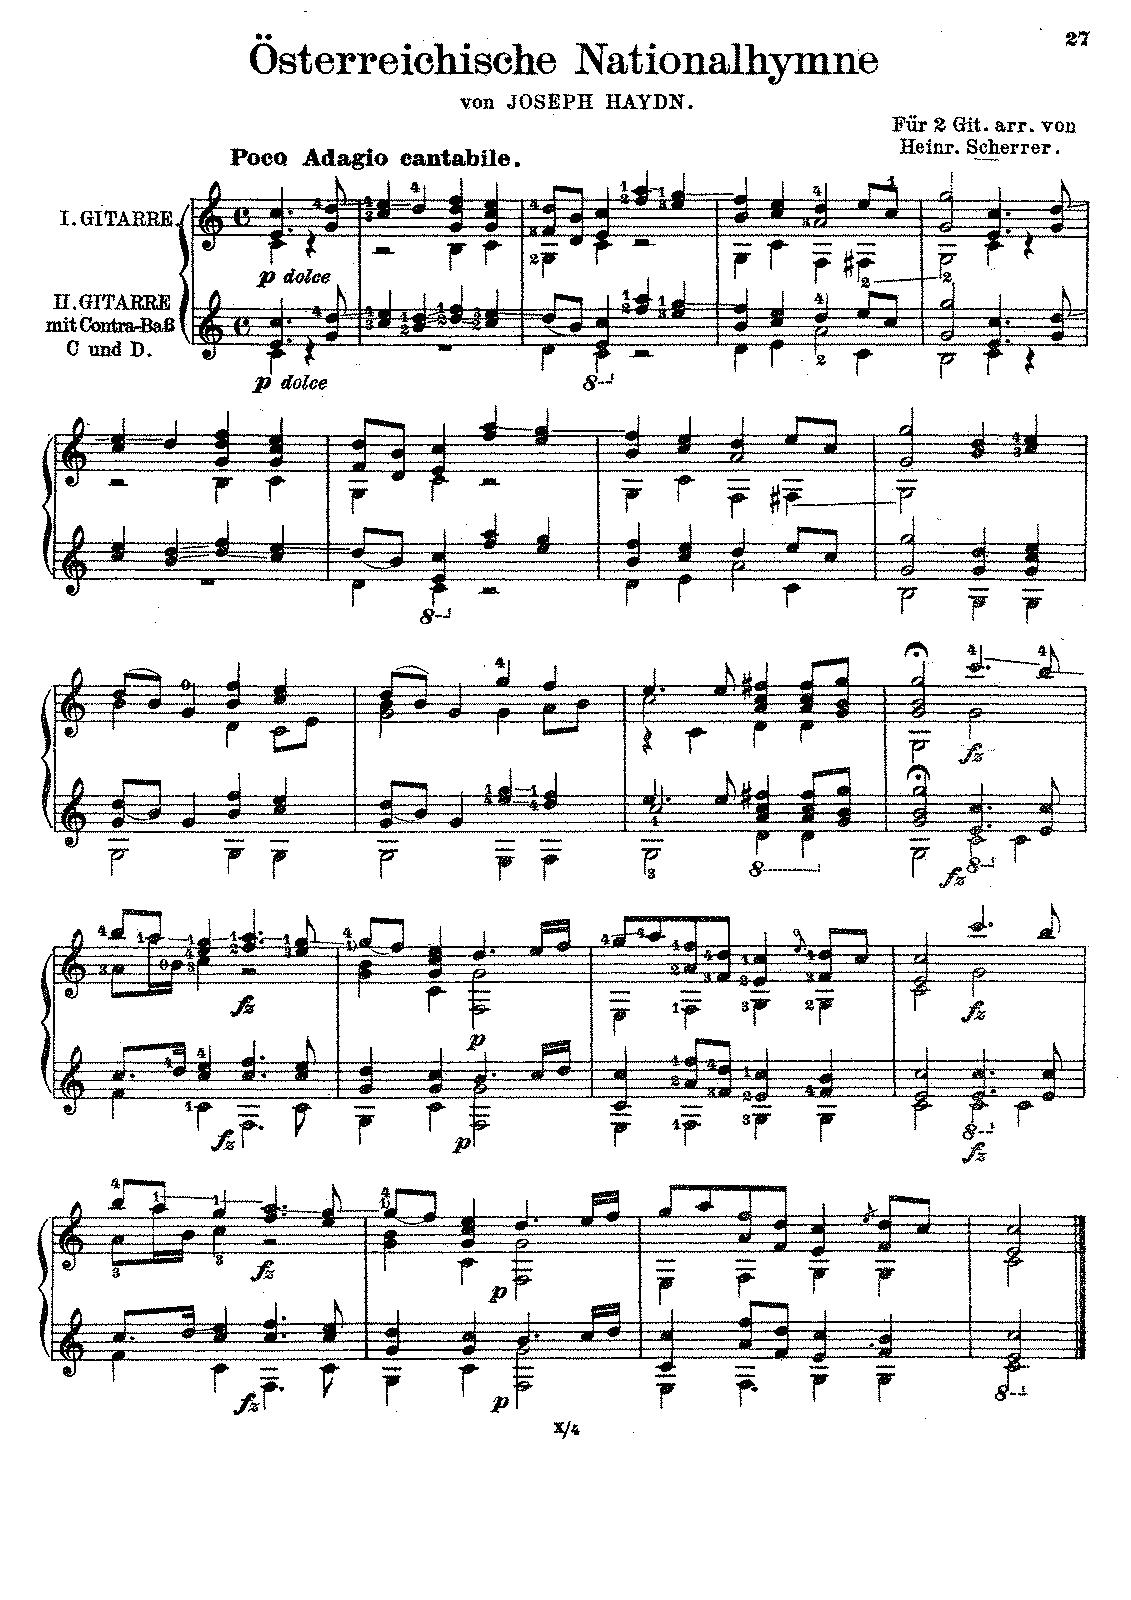 File:PMLP94366-Scherrer - Osterreische Nationalhymne.pdf | Music ...